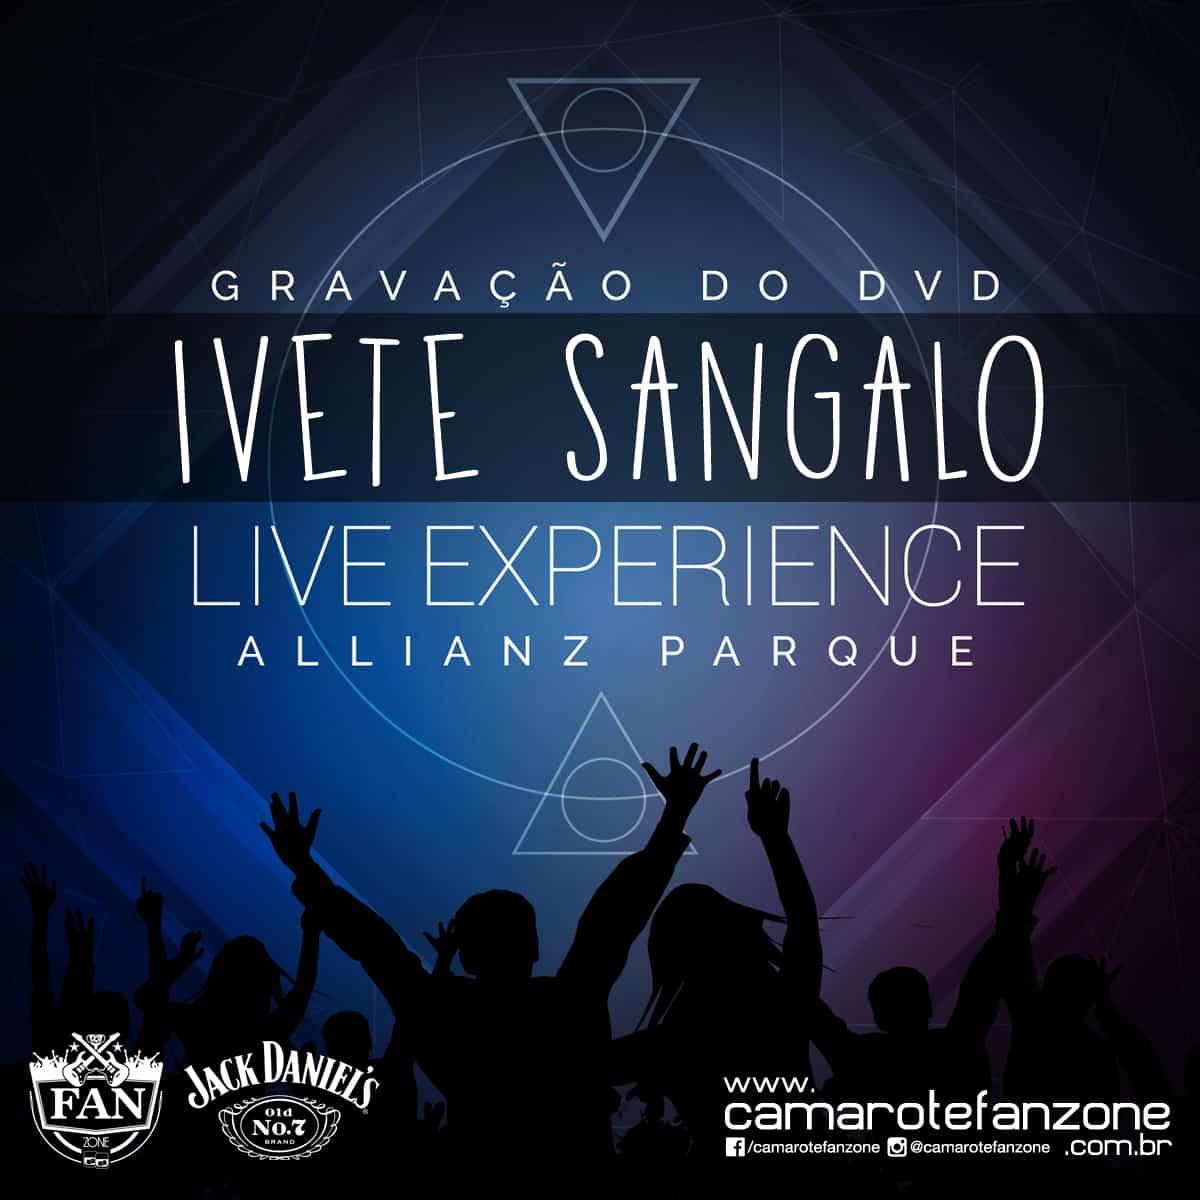 Ivete Sangalo no Allianz Parque